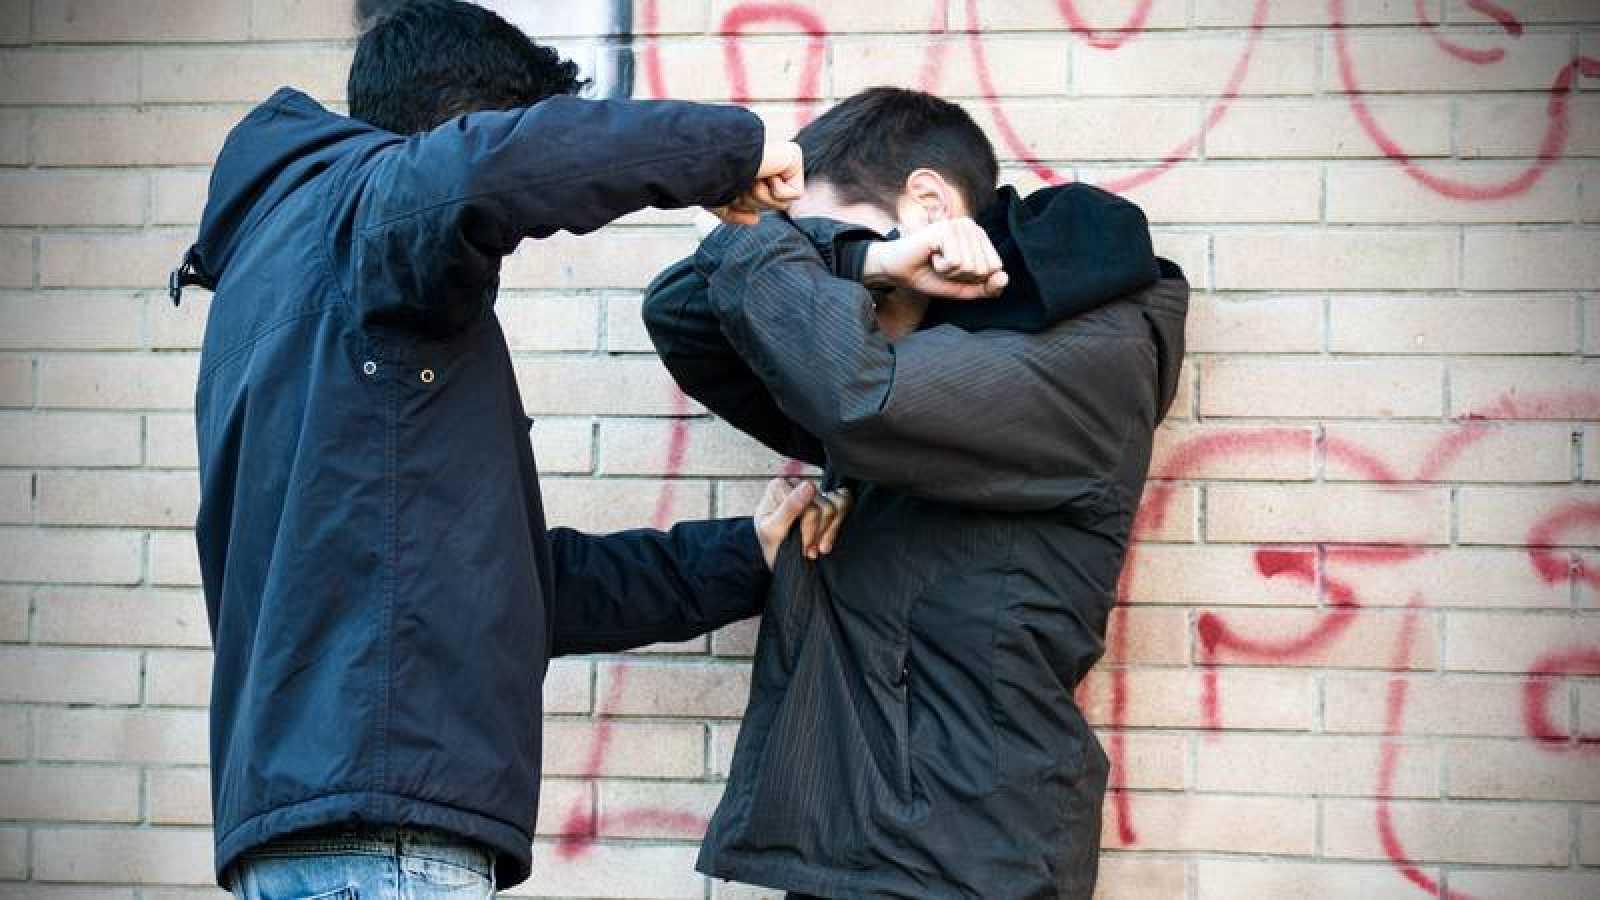 Aumenta la violencia de menores contra sus padres o hermanos